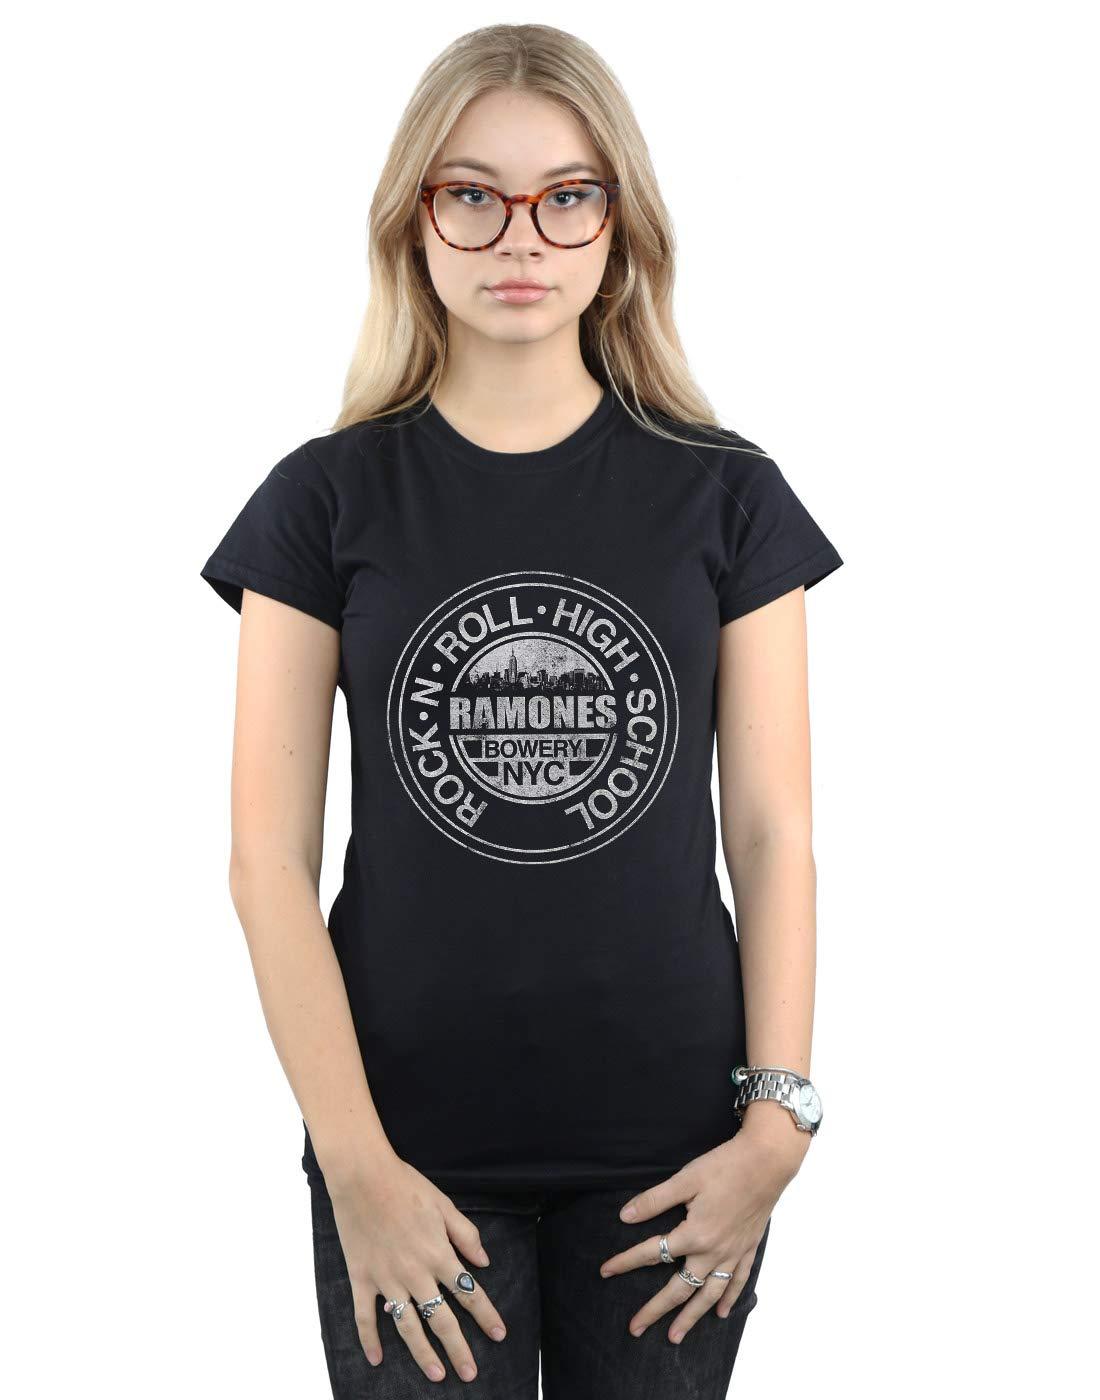 Ramones Bowery Nyc Tshirt